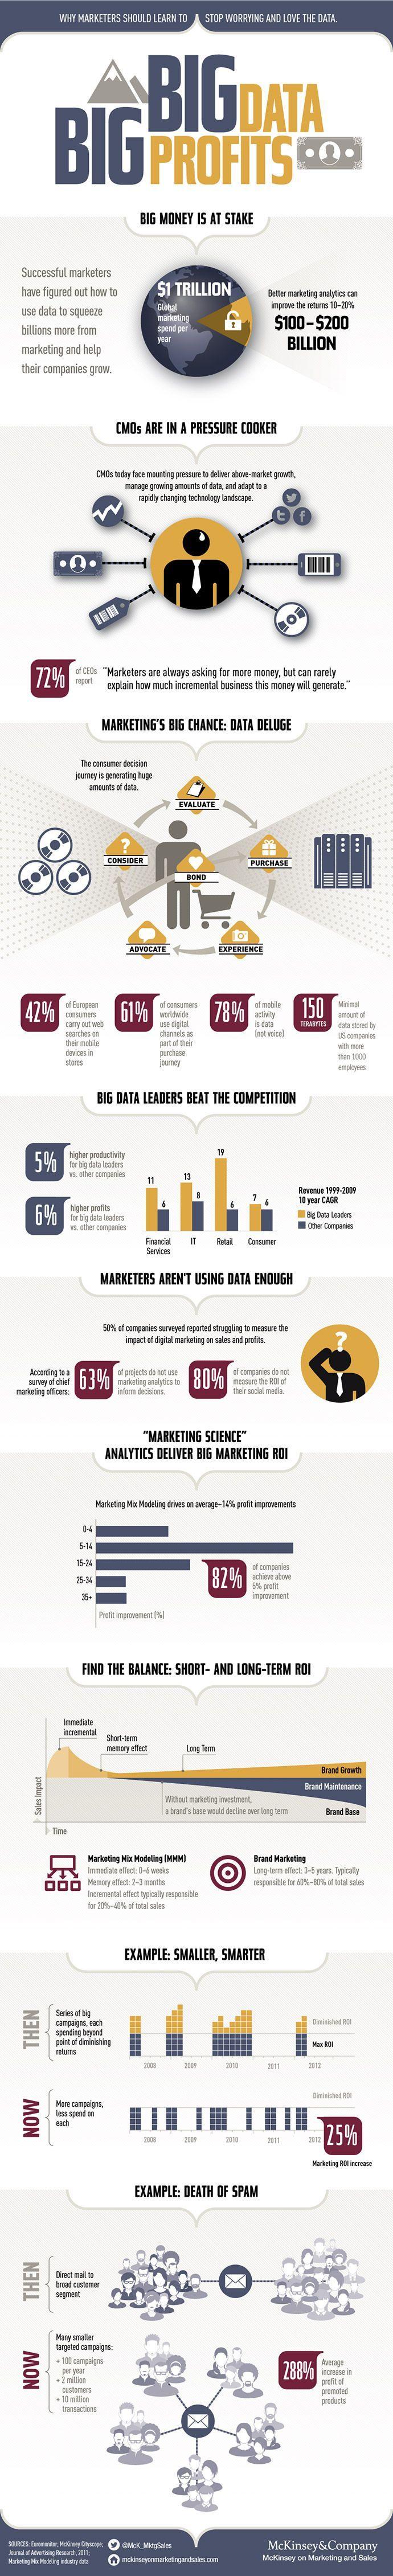 Büyük Veri Büyük Kâr  #buyukveri #veri #data #bigdata #infografik #infographic